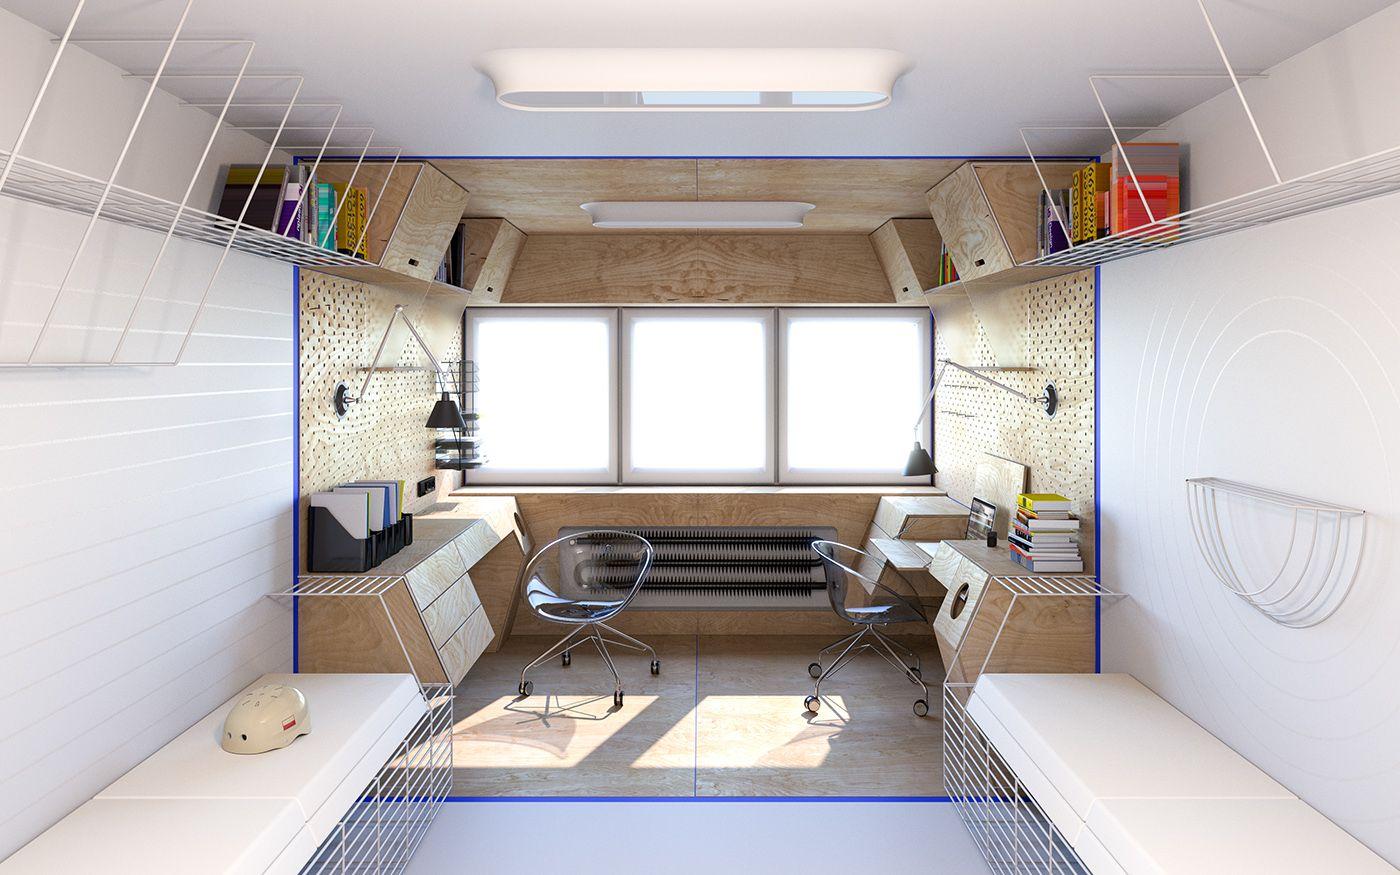 c44cdf55e24cf24b4ecb2cfb64de3499 - 11+ Small Home Office Design Concepts  Images